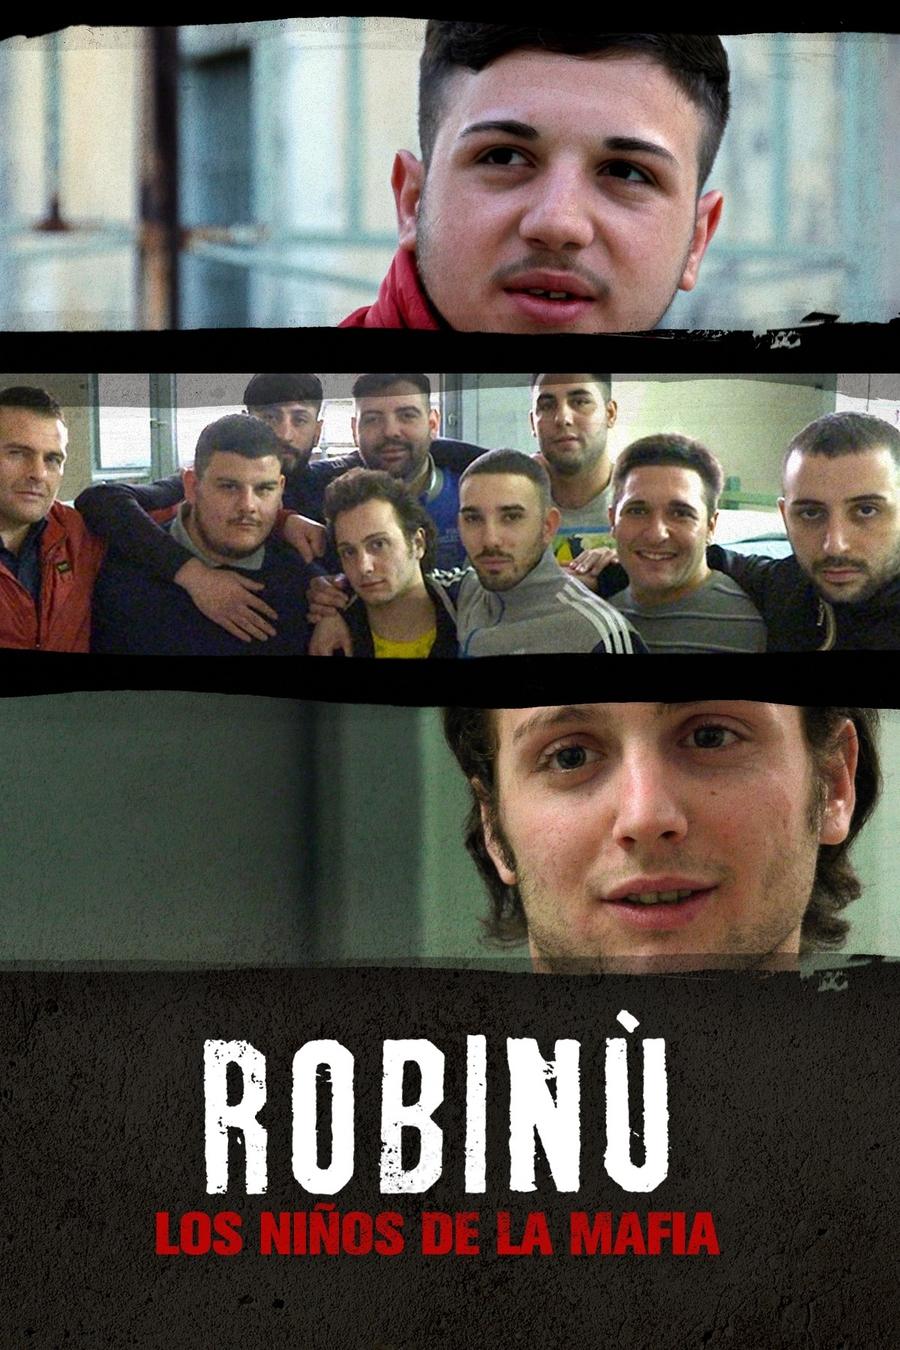 Robinù, los niños de la mafia